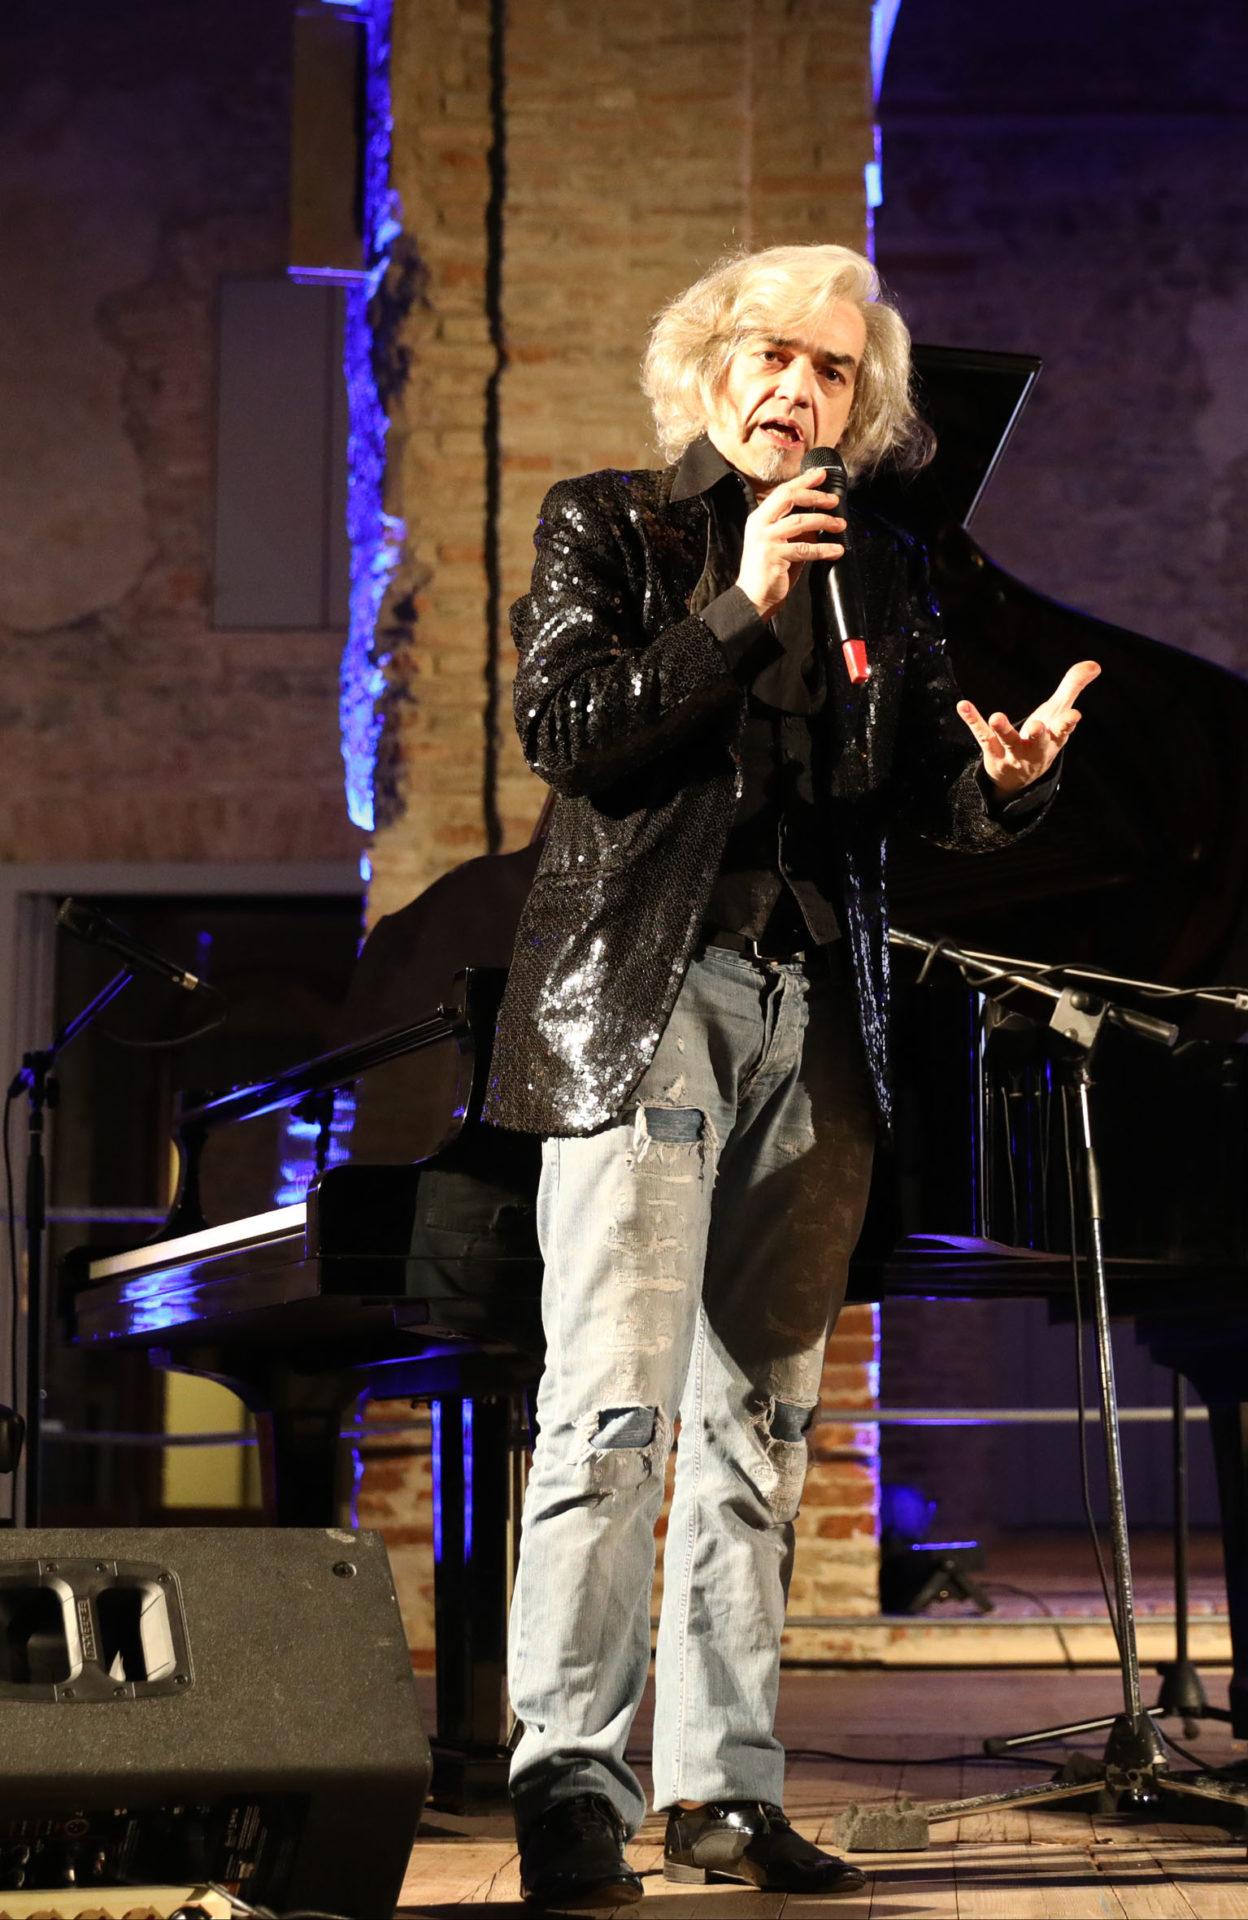 Morgan a Poesia Festival '17 -photo© Serena Campanini